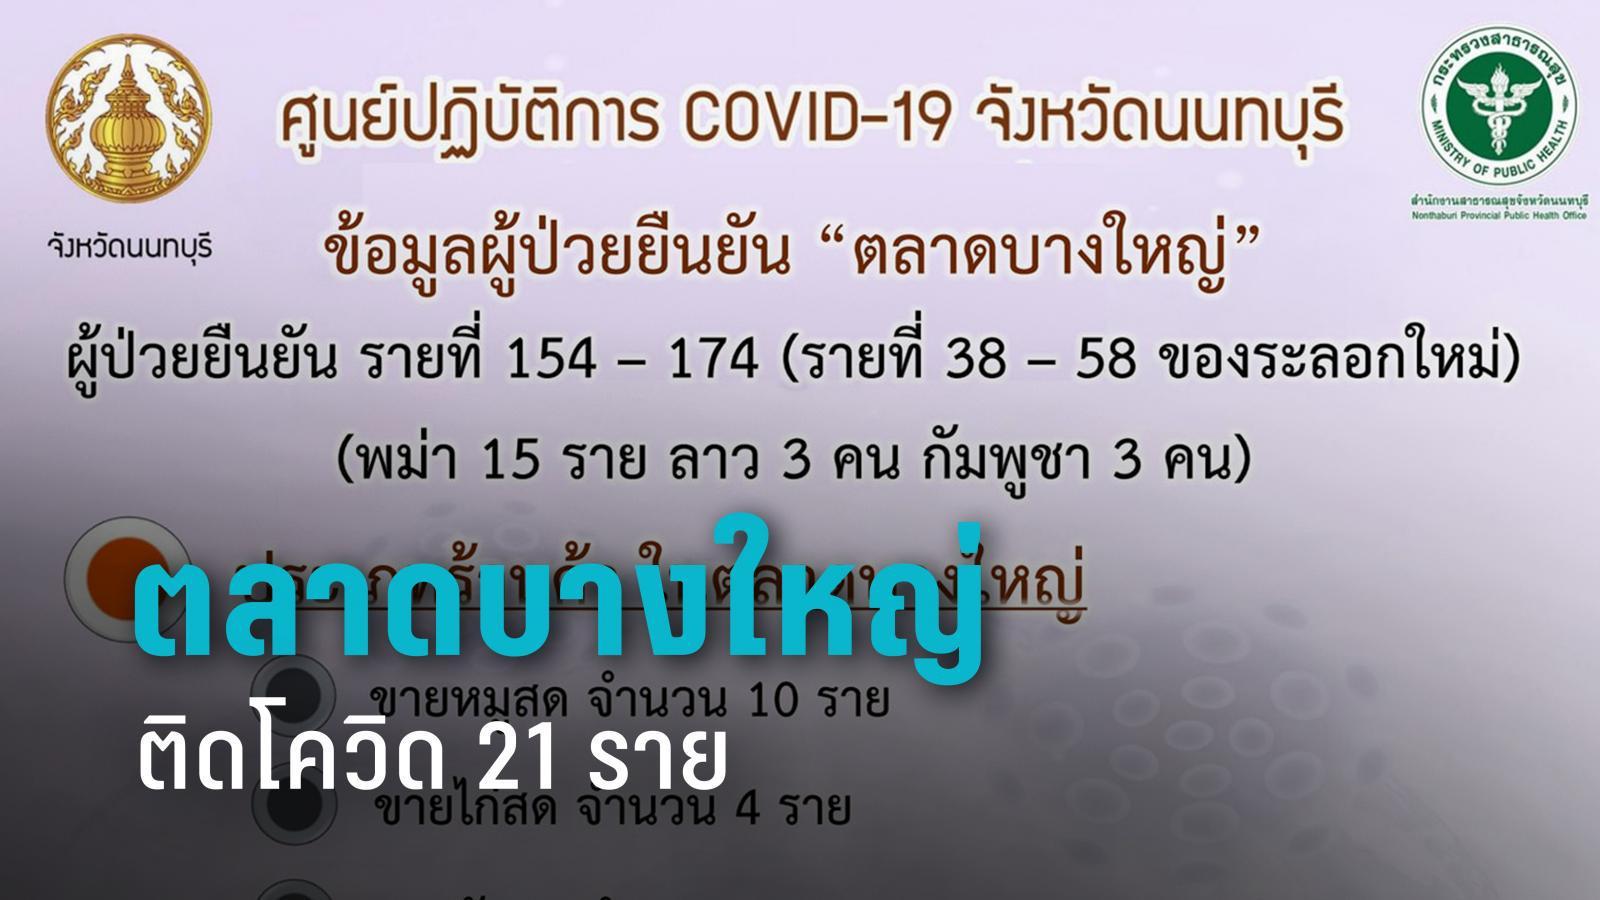 """นนทบุรี ยัน """"ตลาดบางใหญ่"""" ติดโควิด 21 ราย เตือนผู้ใช้บริการตรวจหาเชื้อ"""